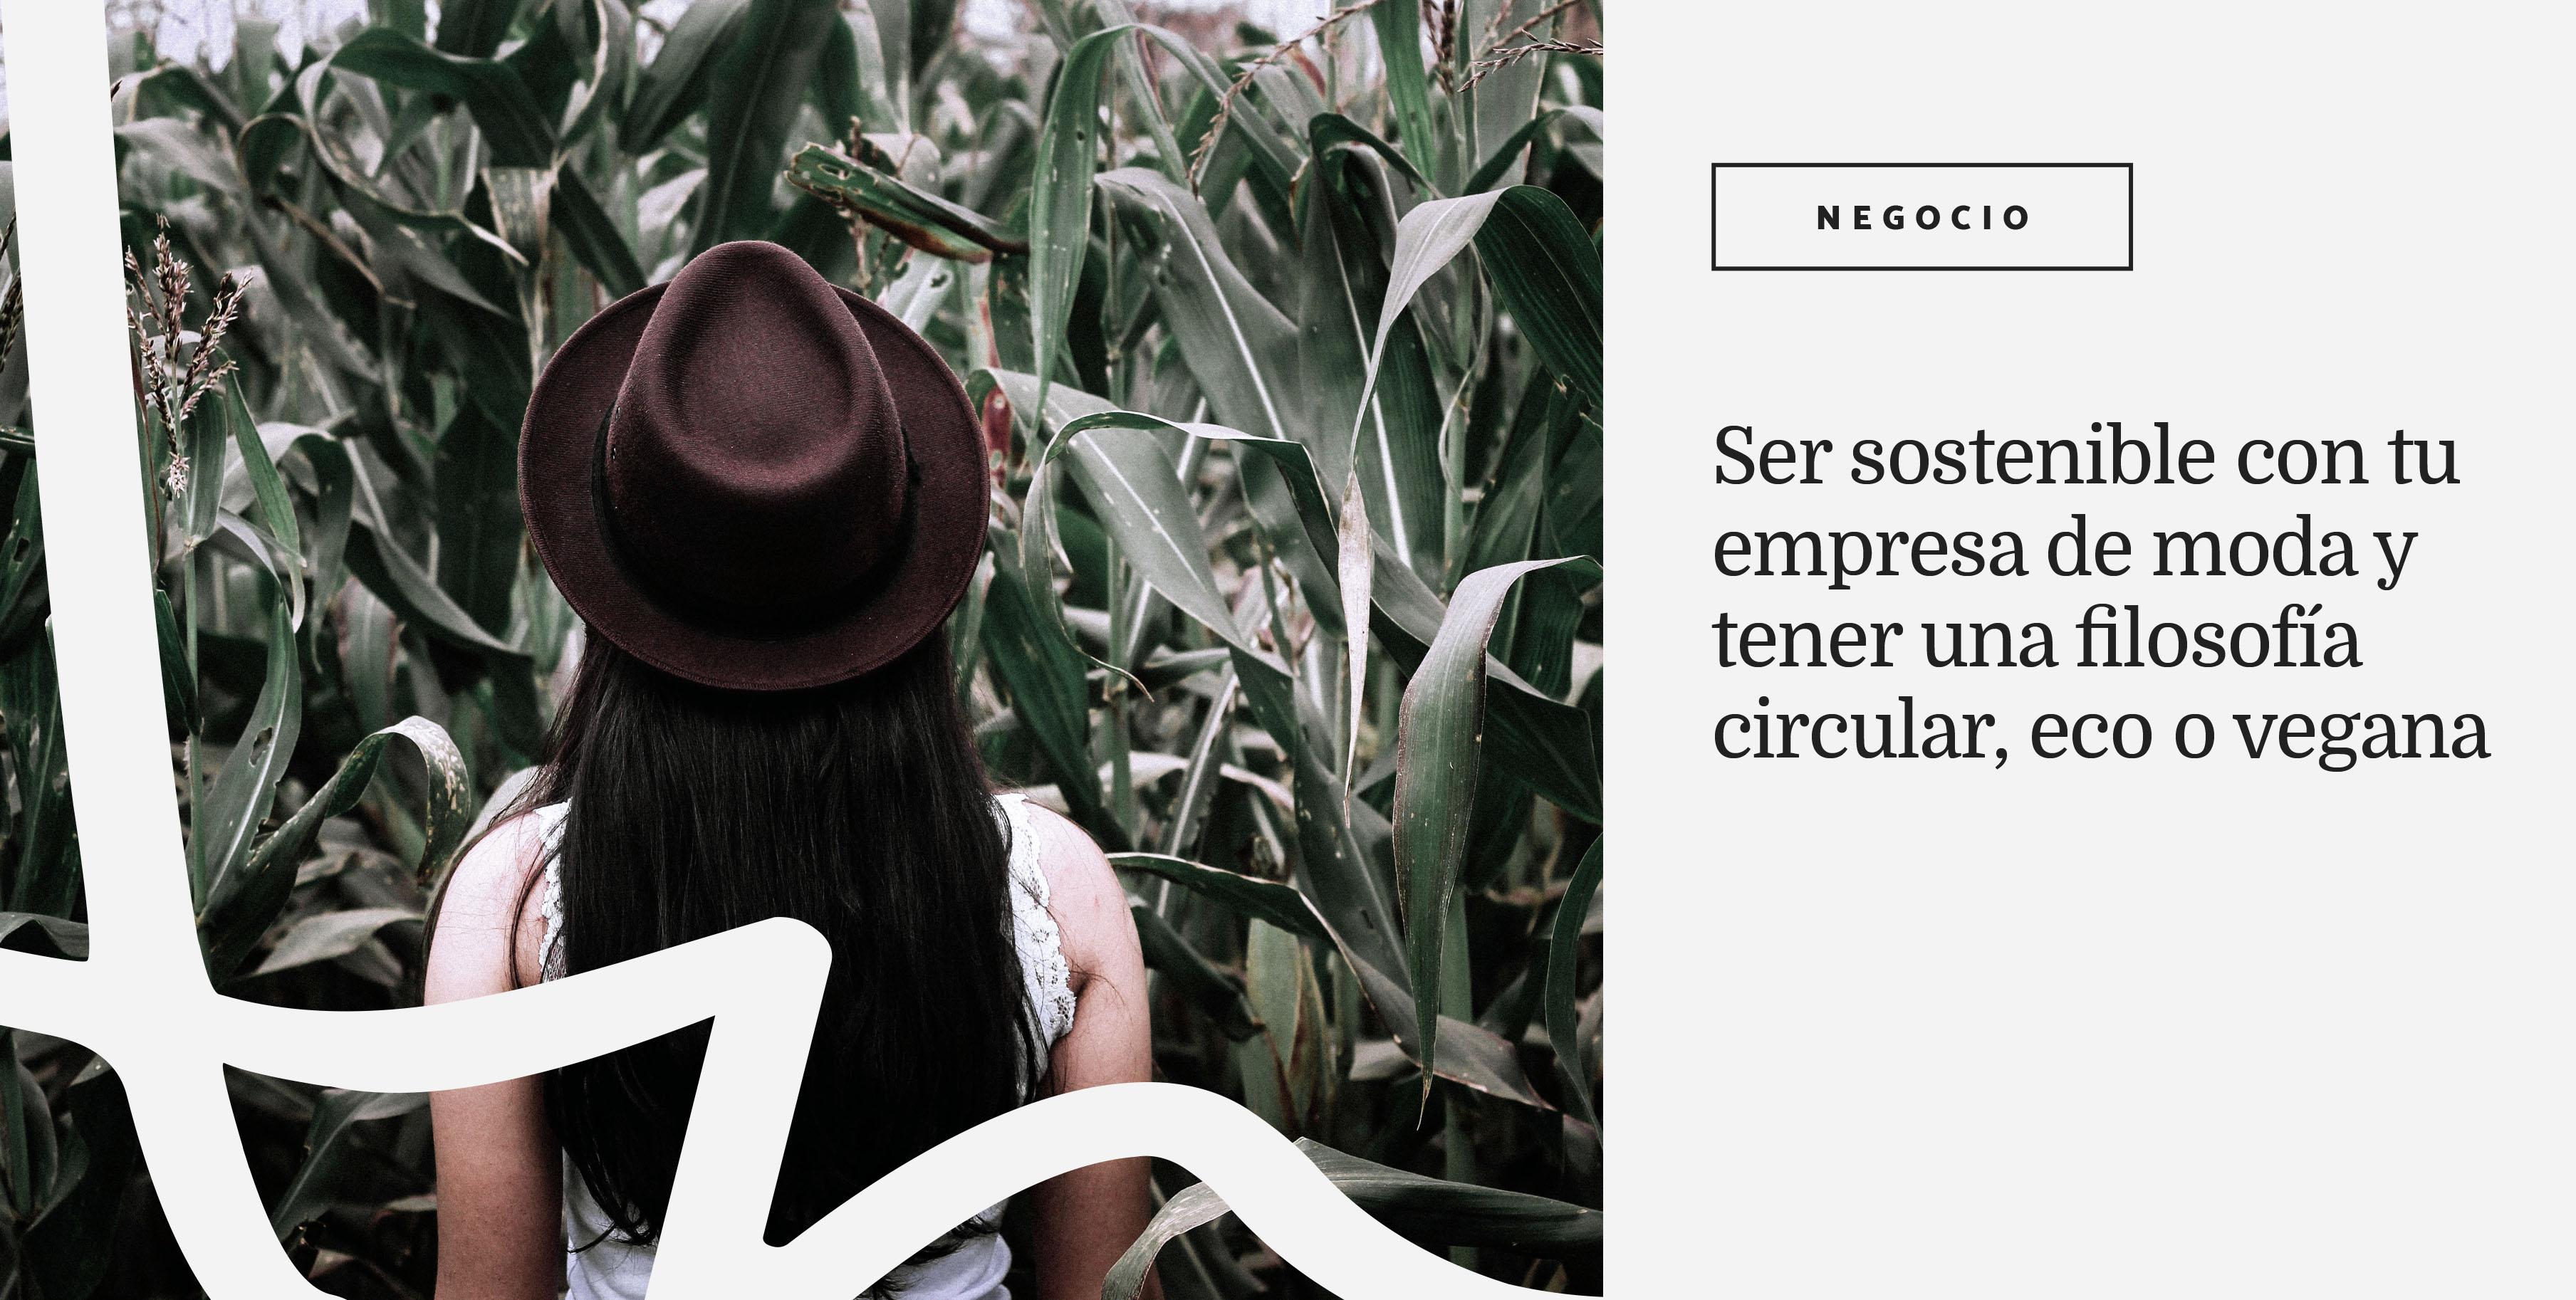 moda-circular-anadiazdelrio-portada.jpg